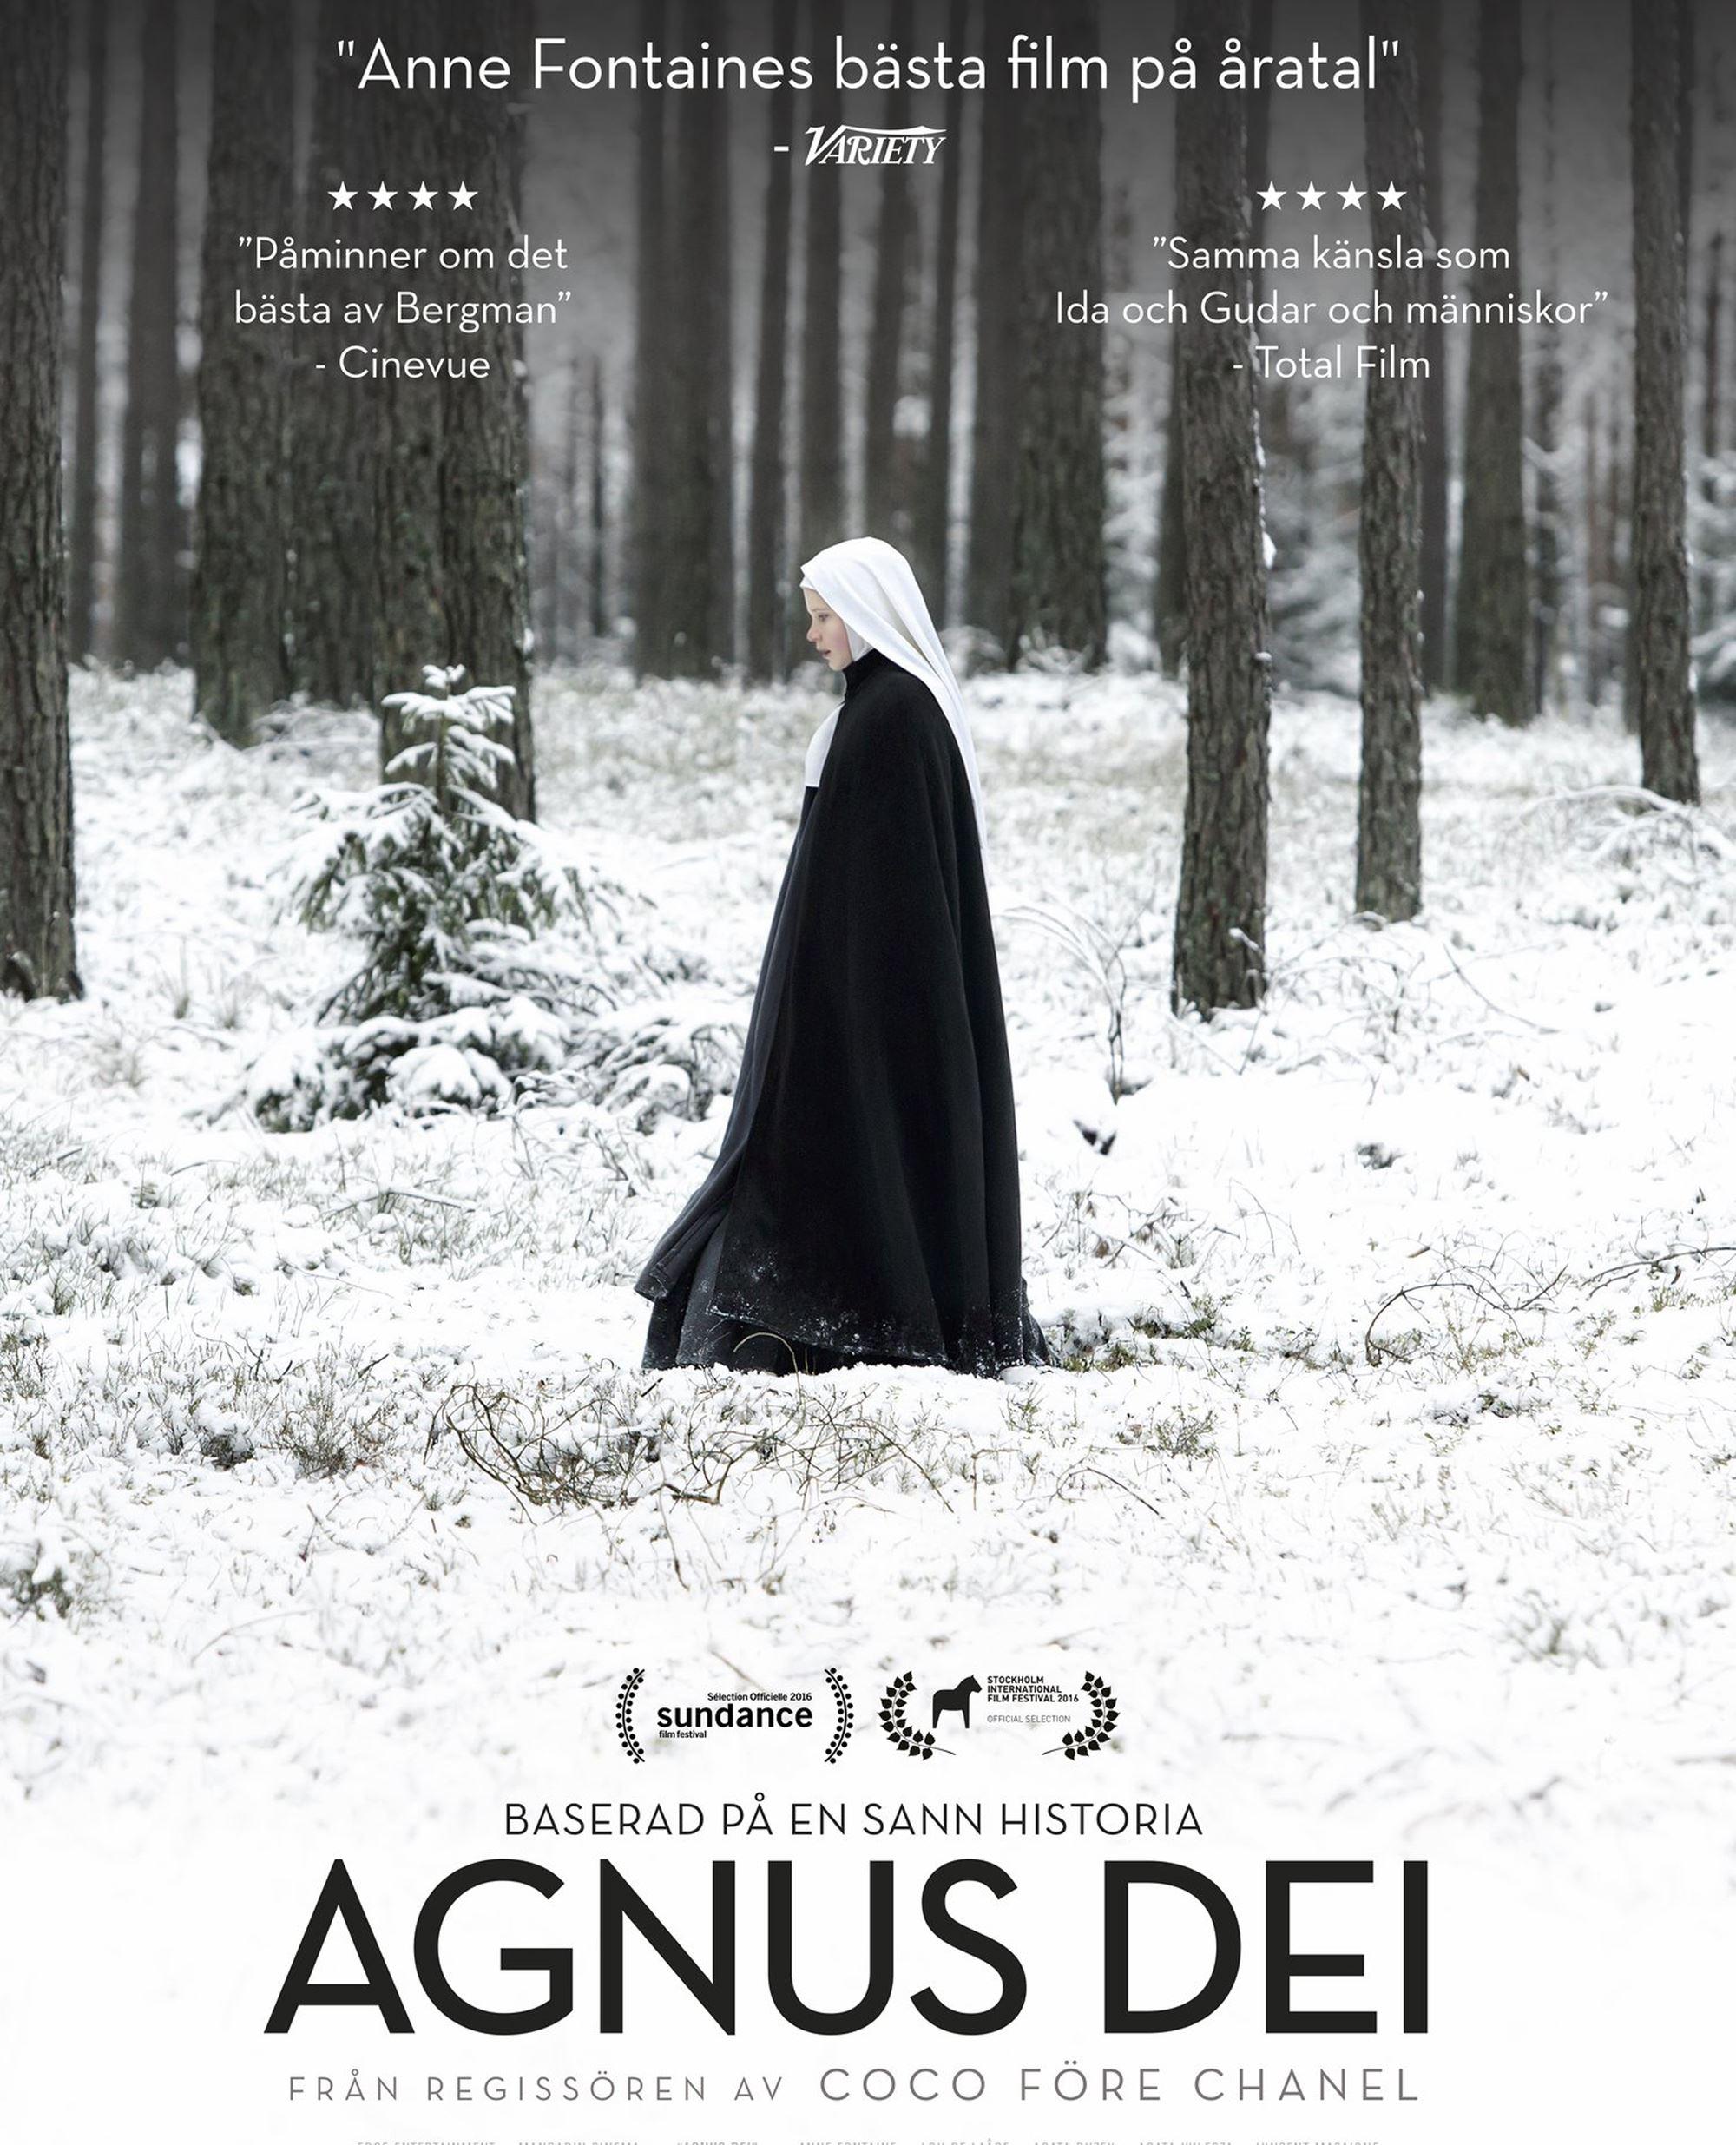 Södertälje Filmstudio visar: AGNUS DEI